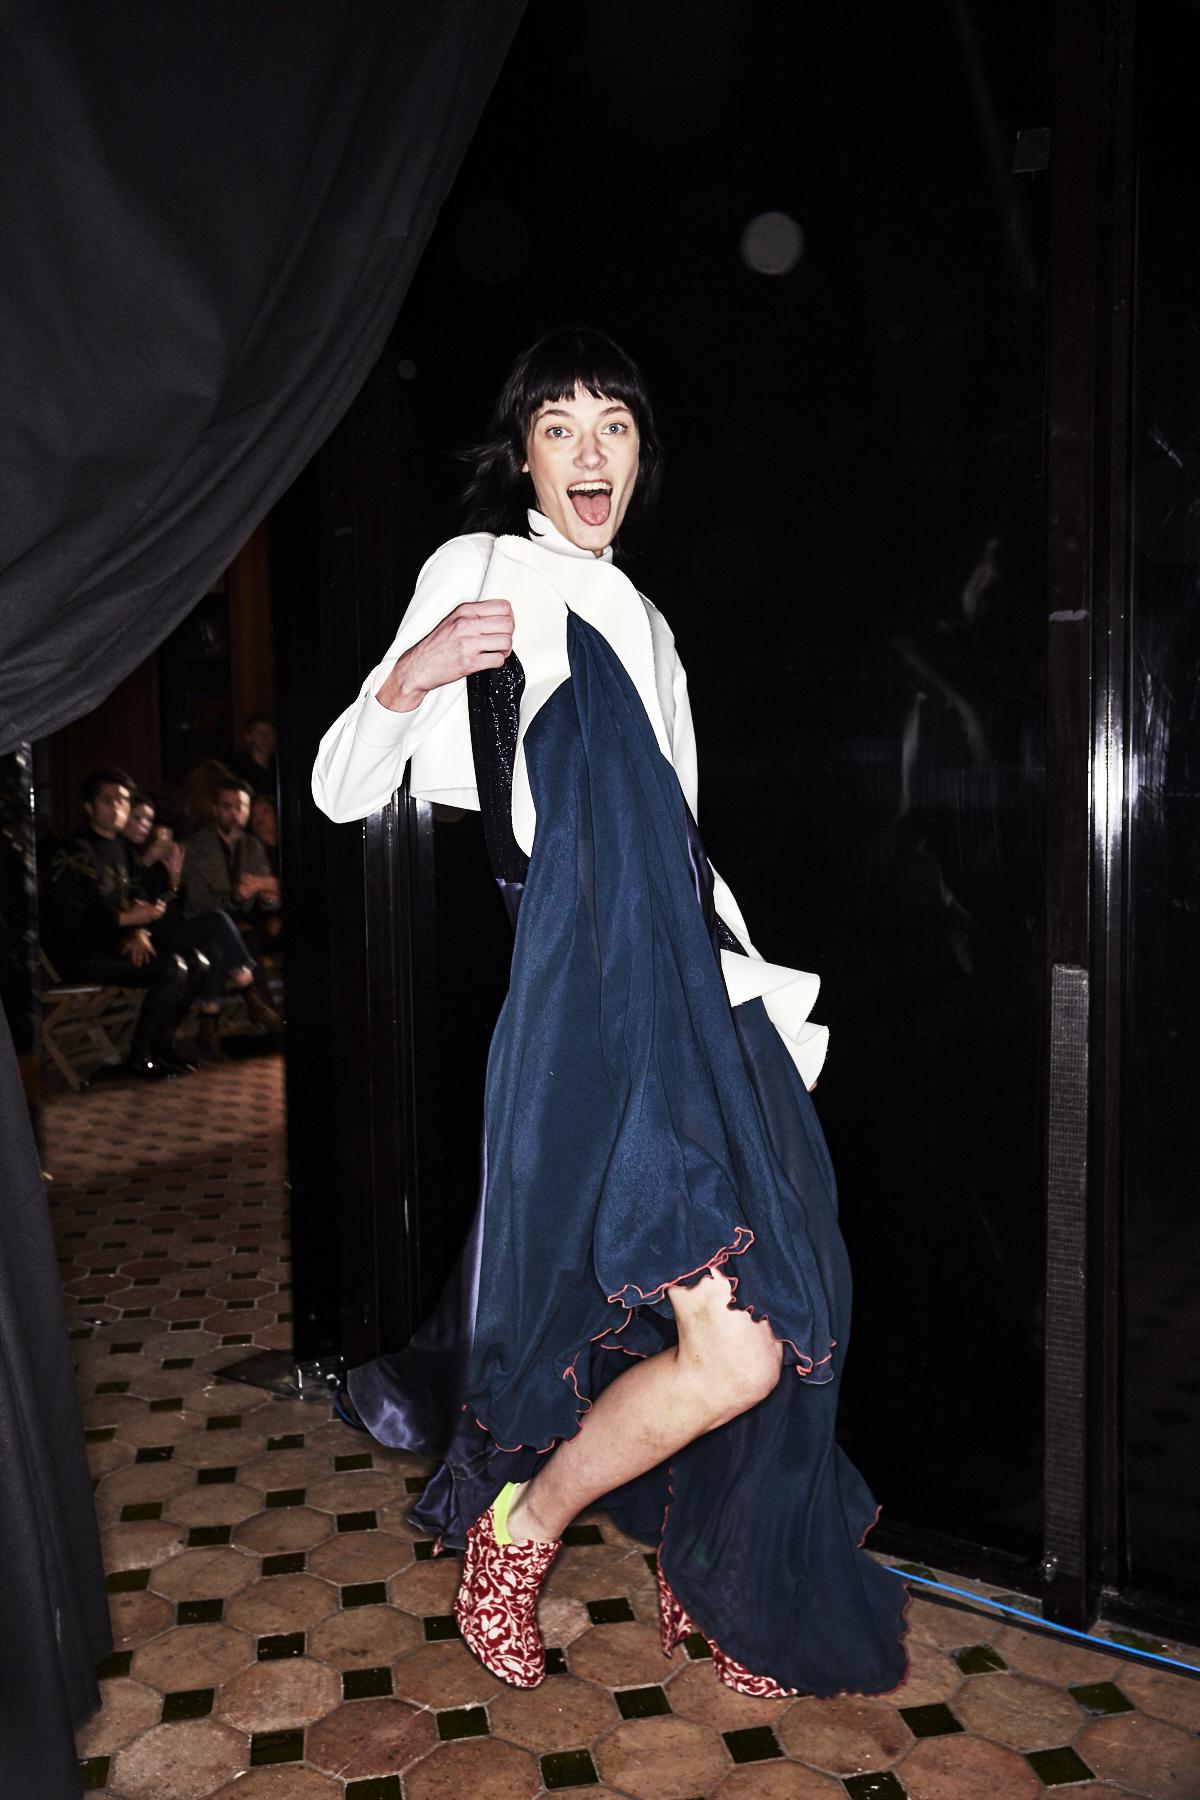 Ein Model im Backstage Bereich der Esteban Cortazar Herbst/Winter 2017 Show trägt ein langes asymmetrisches Kleid in dunklem Türkis.